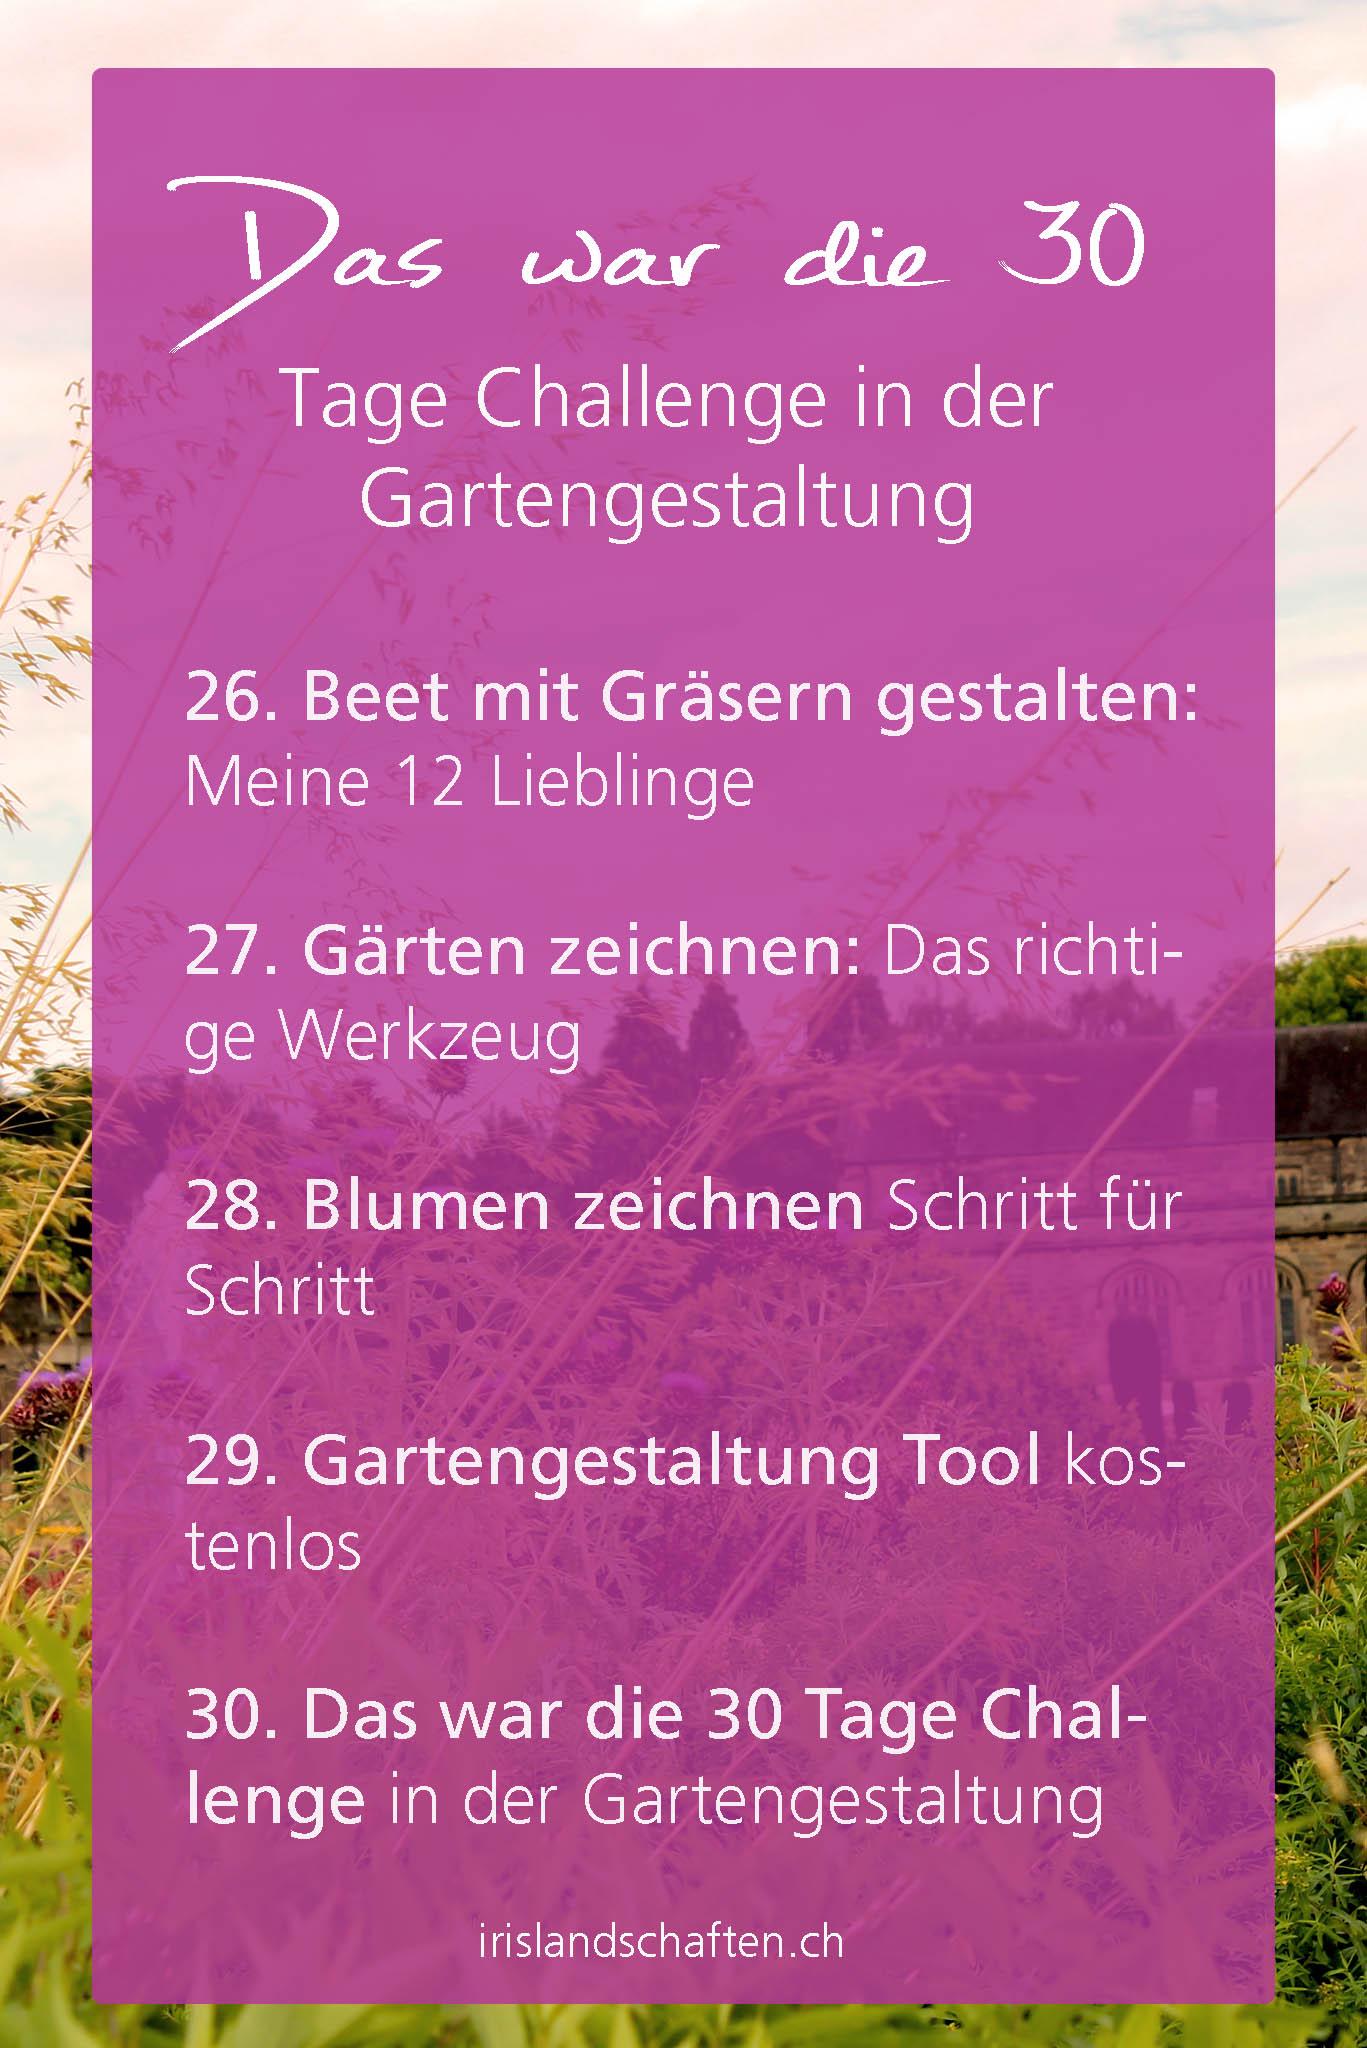 30 Tage Challenge in der Gartengestaltung